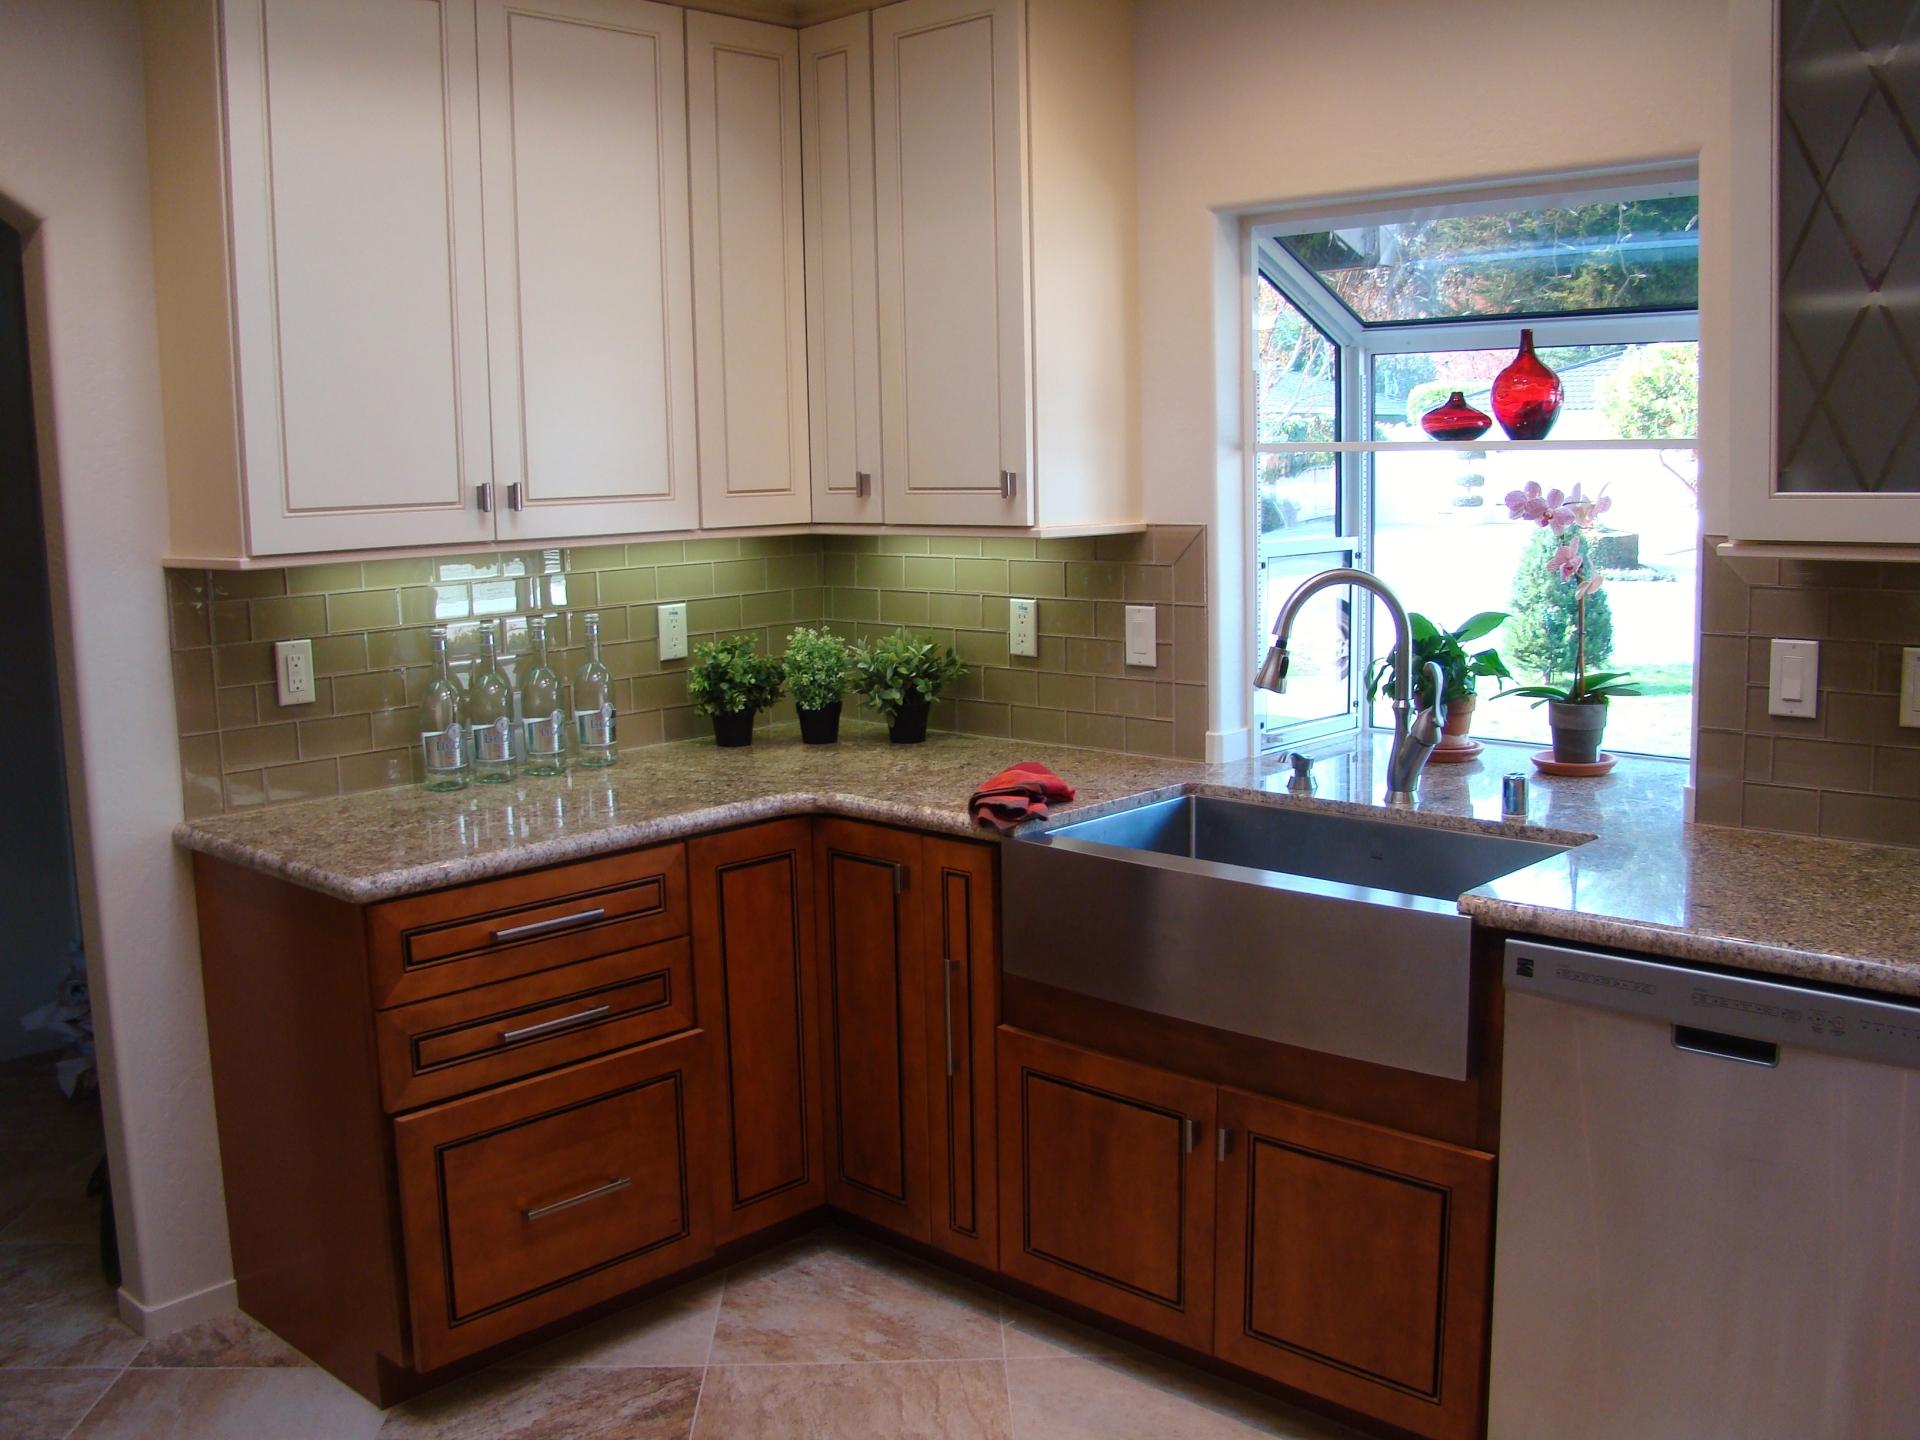 Fiorito Interior Design, interior design, remodel, kitchen, light and dark cabinetry, granite counter, farm house sink, apron sink